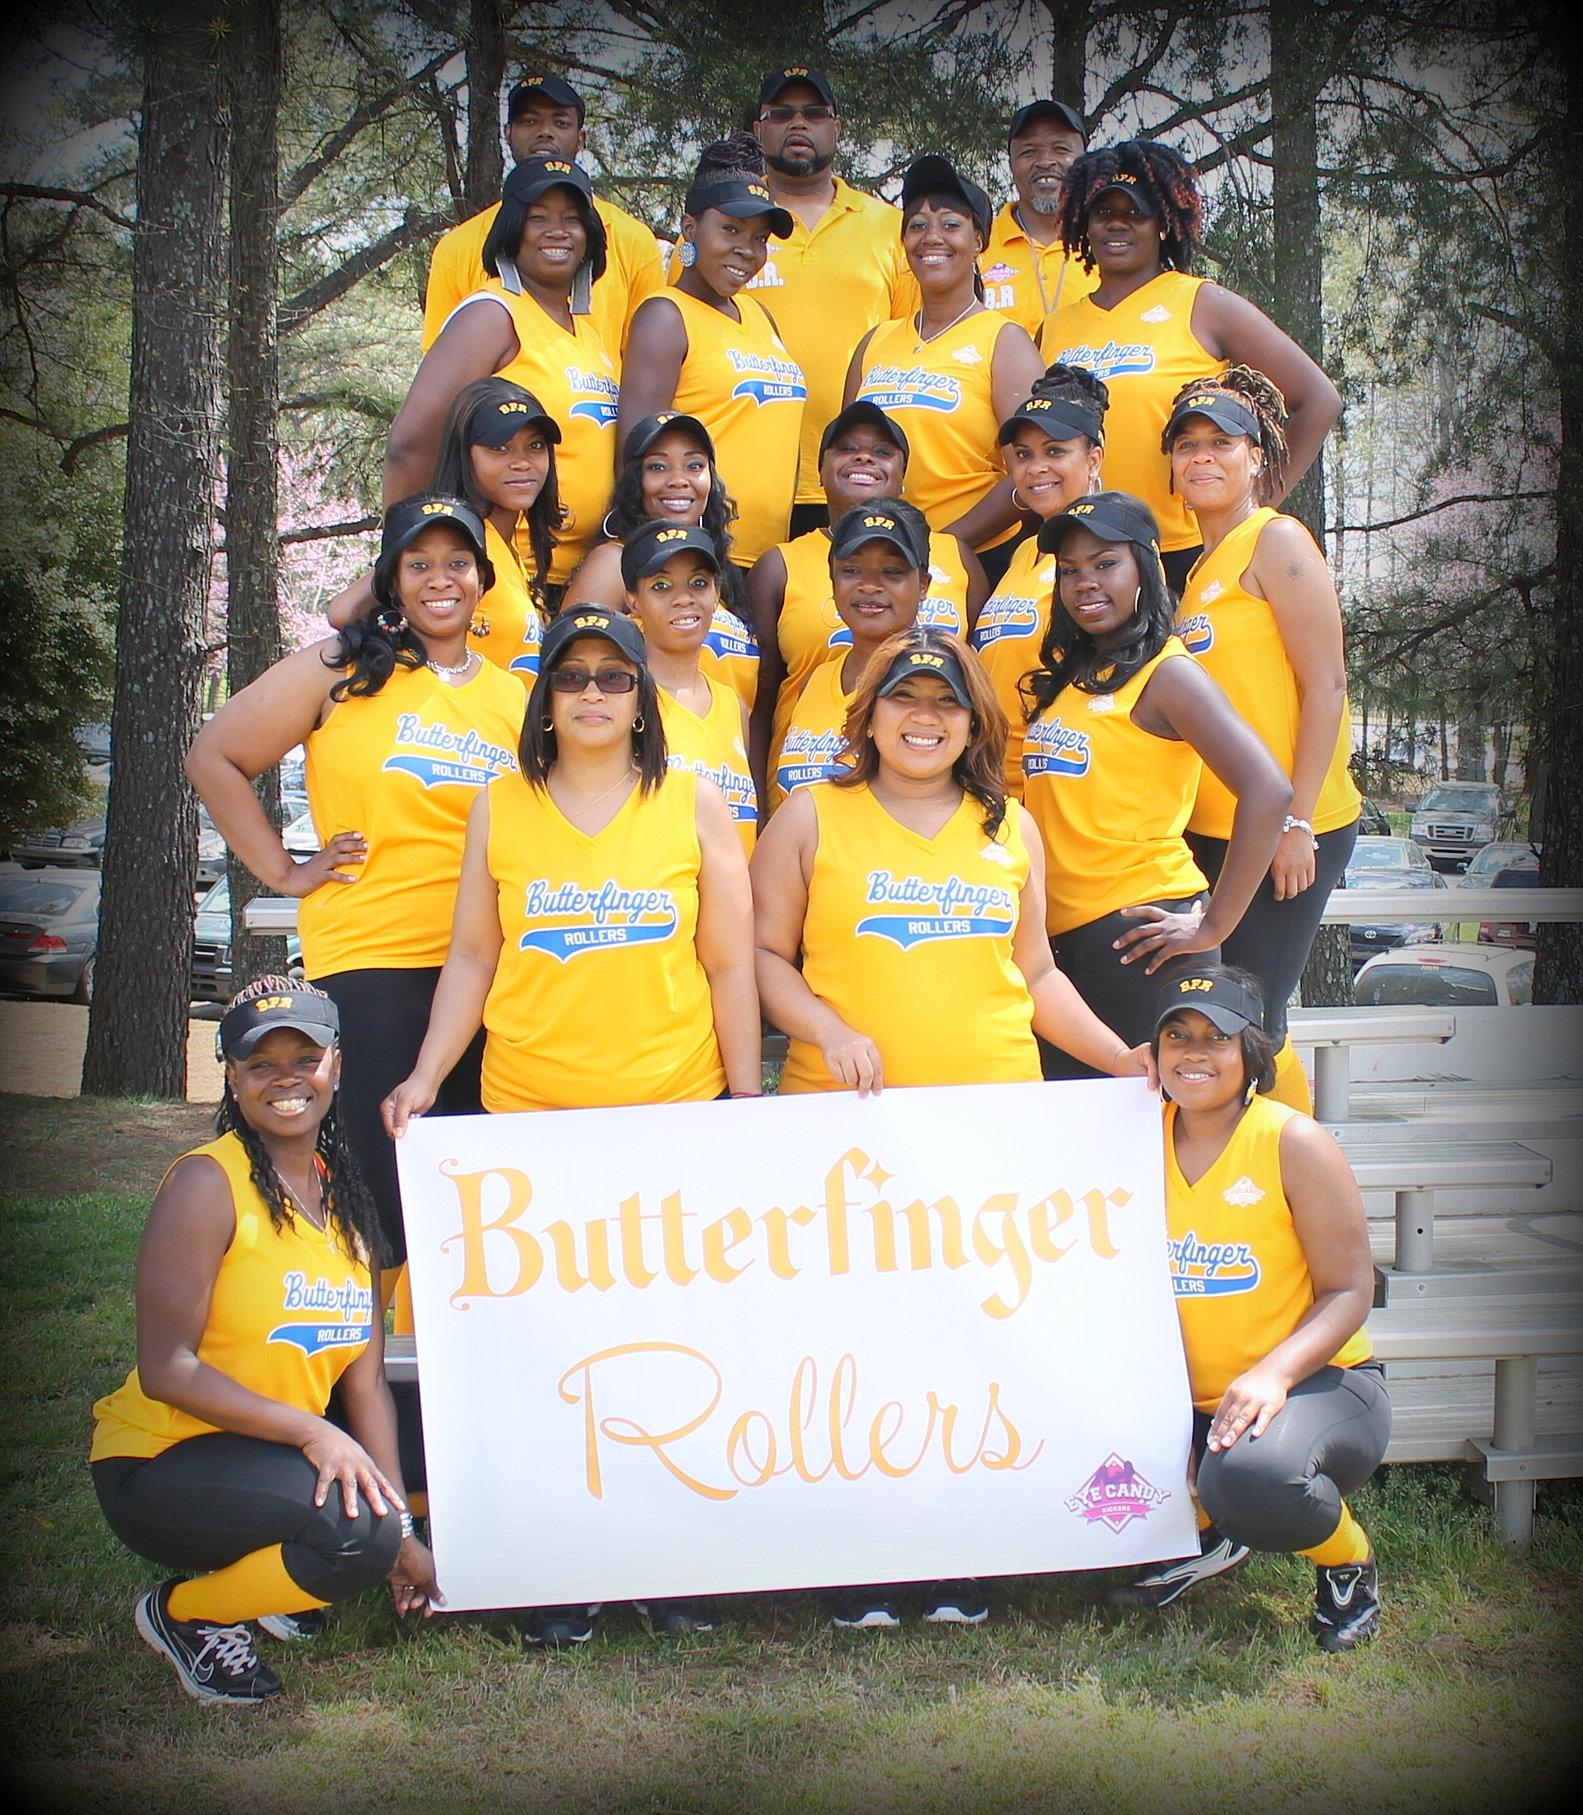 Butterfinger Rollers.JPG